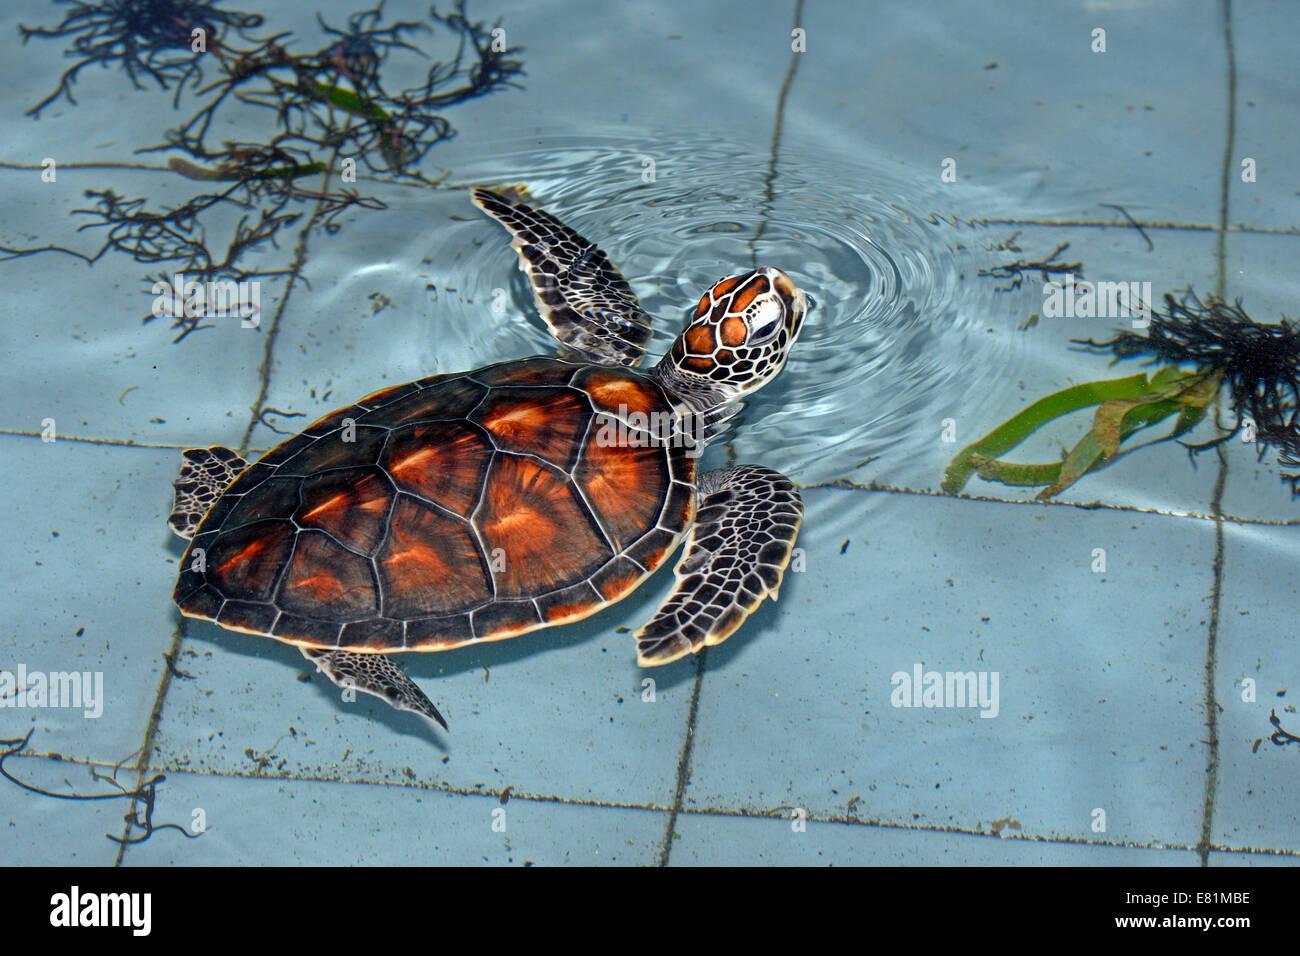 Olive ridley sea turtle (Lepidochelys olivacea), approximately 1 year, breeding station, Bali, Indonesia - Stock Image